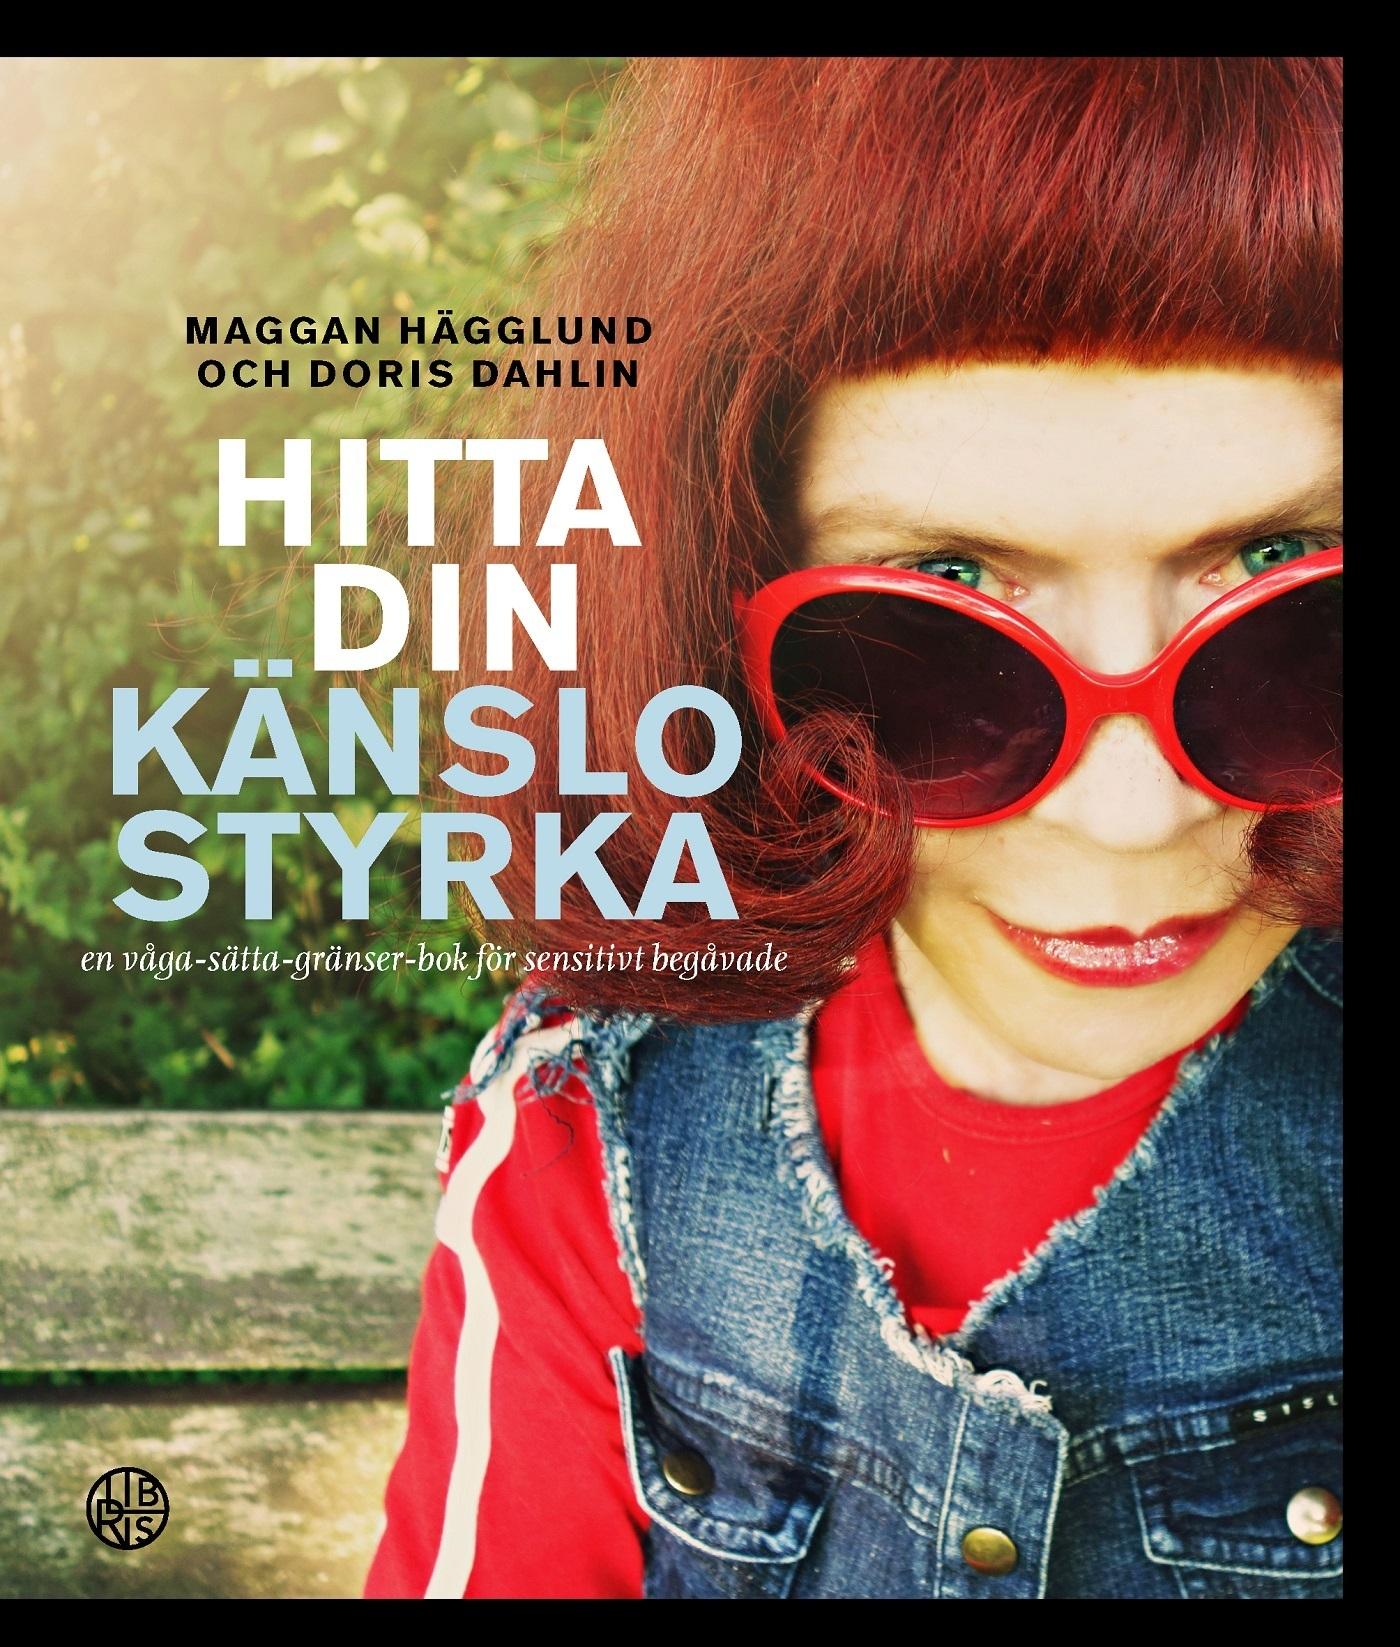 Image for Hitta din känslostyrka : en våga sätta gränser-bok för sensitivt begåvade from Suomalainen.com